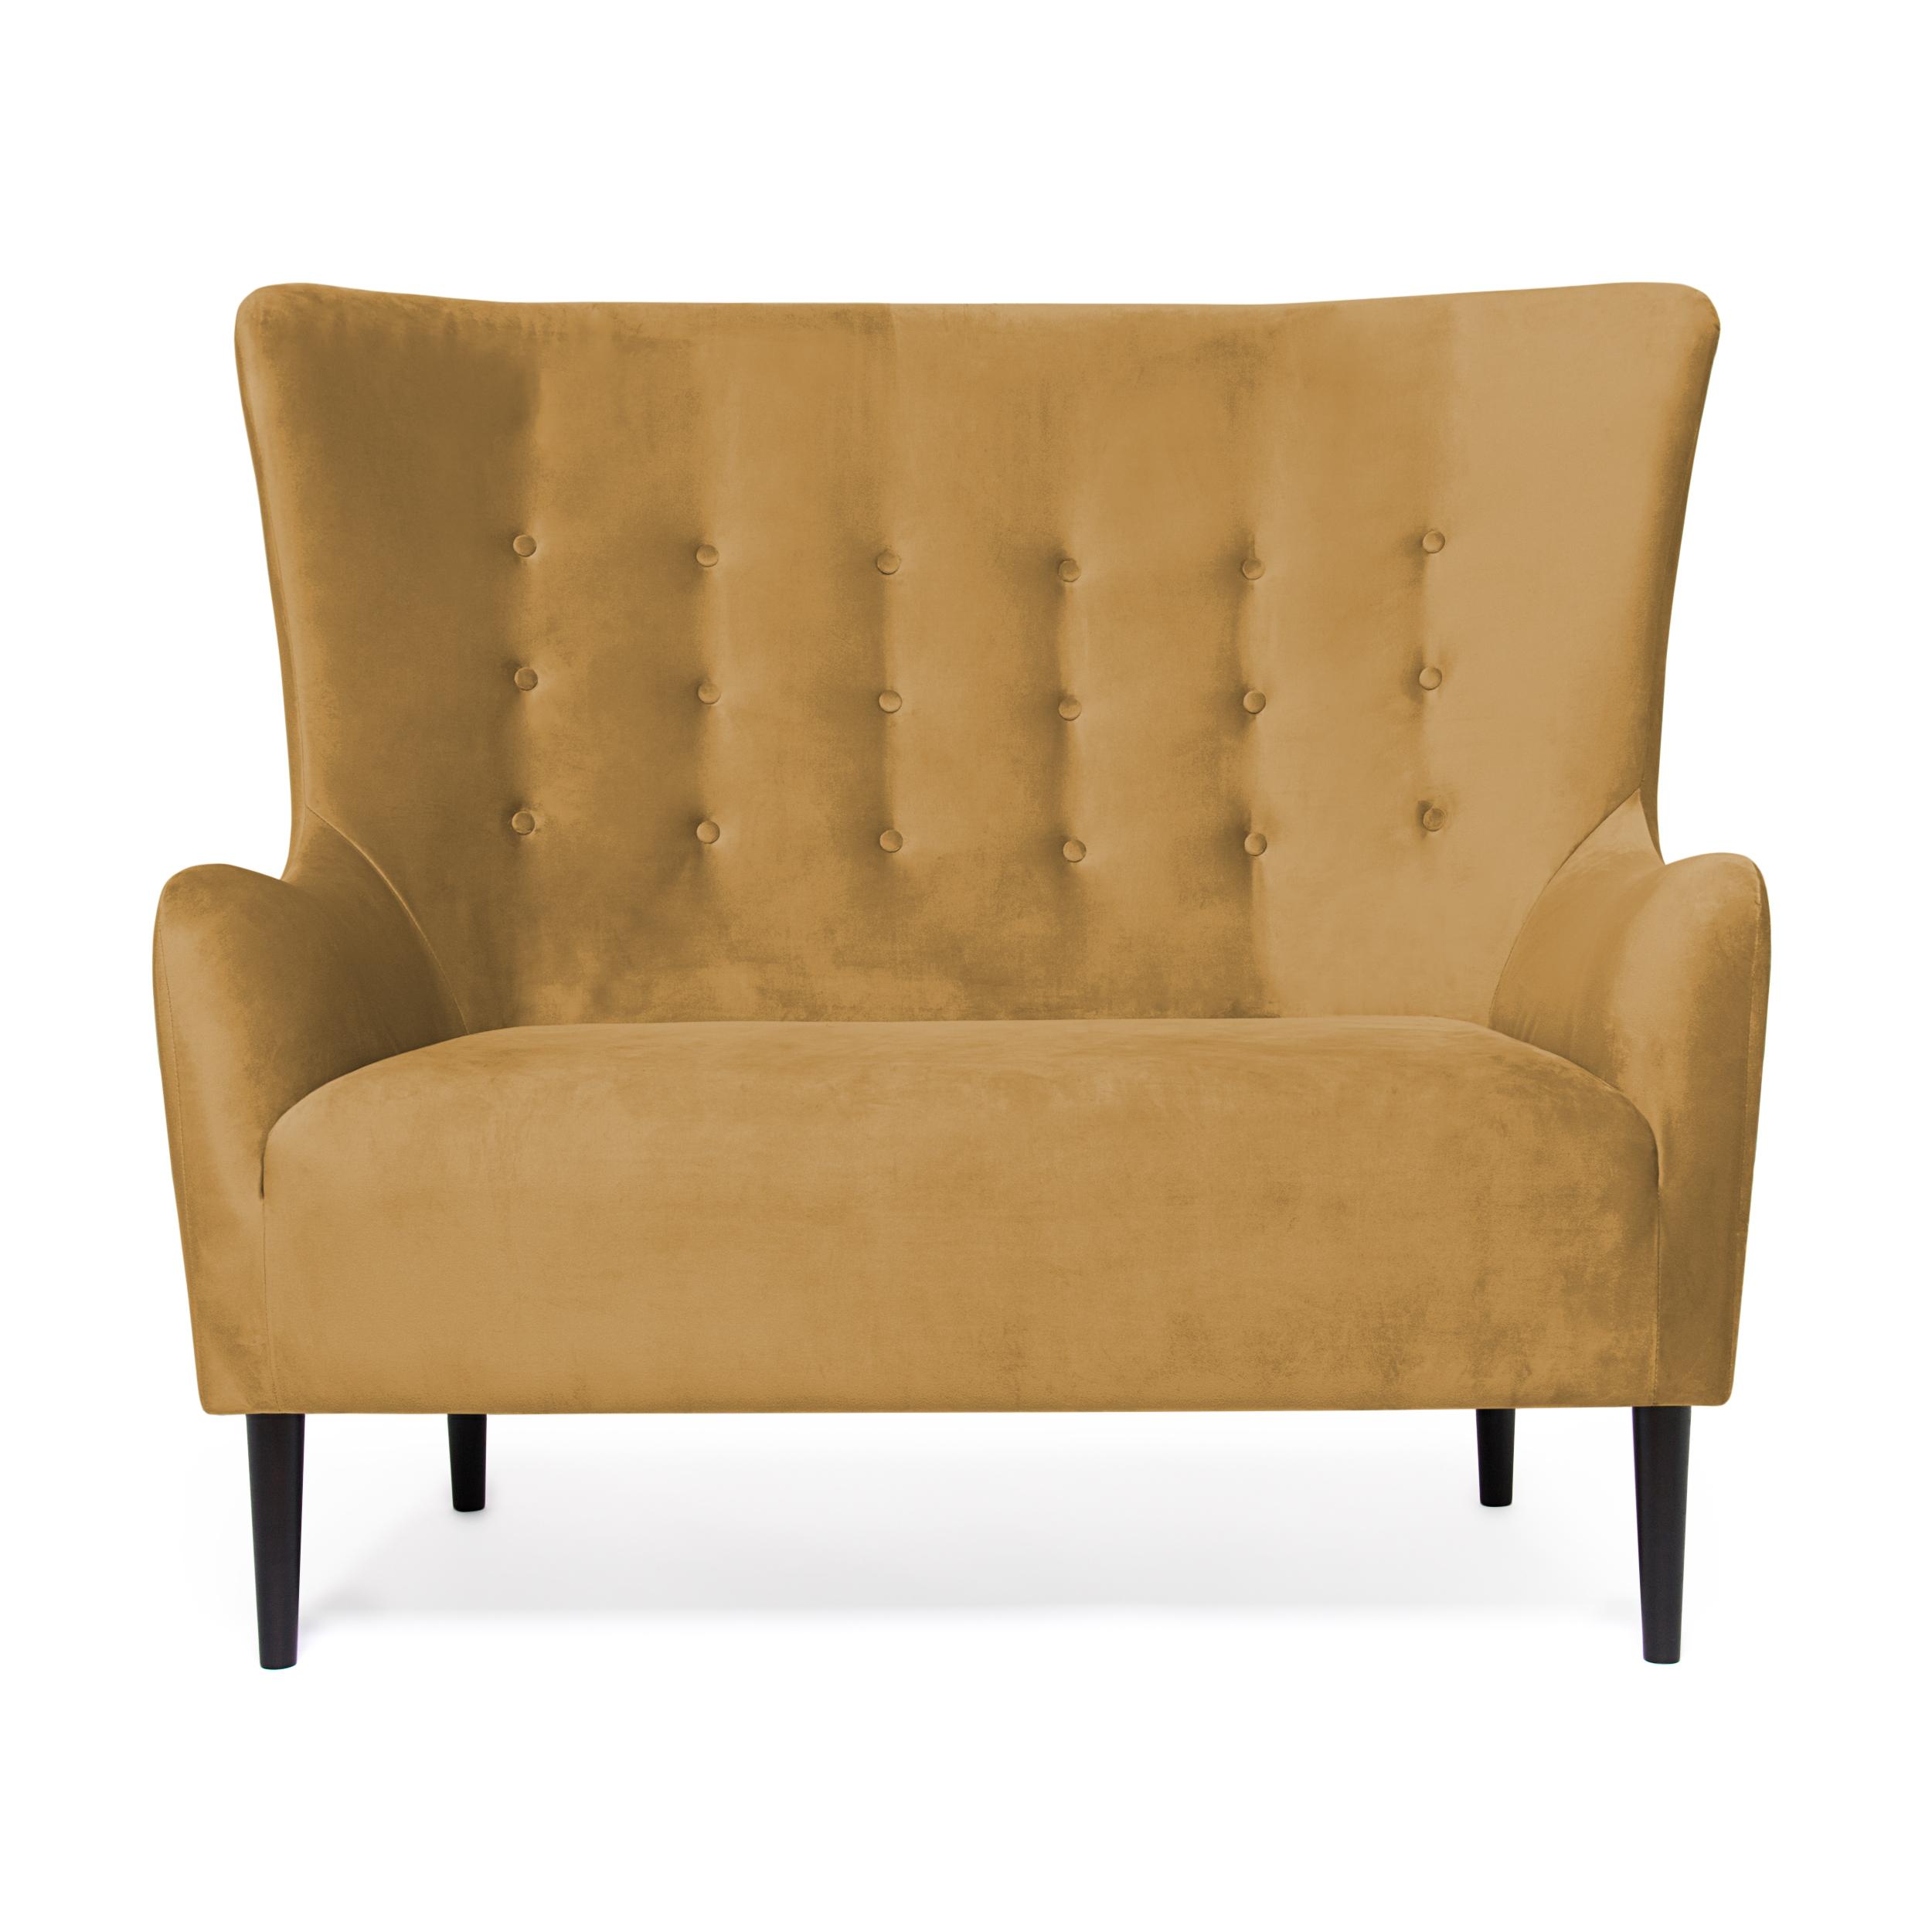 Canapea Fixa 2 locuri Blair Mustard